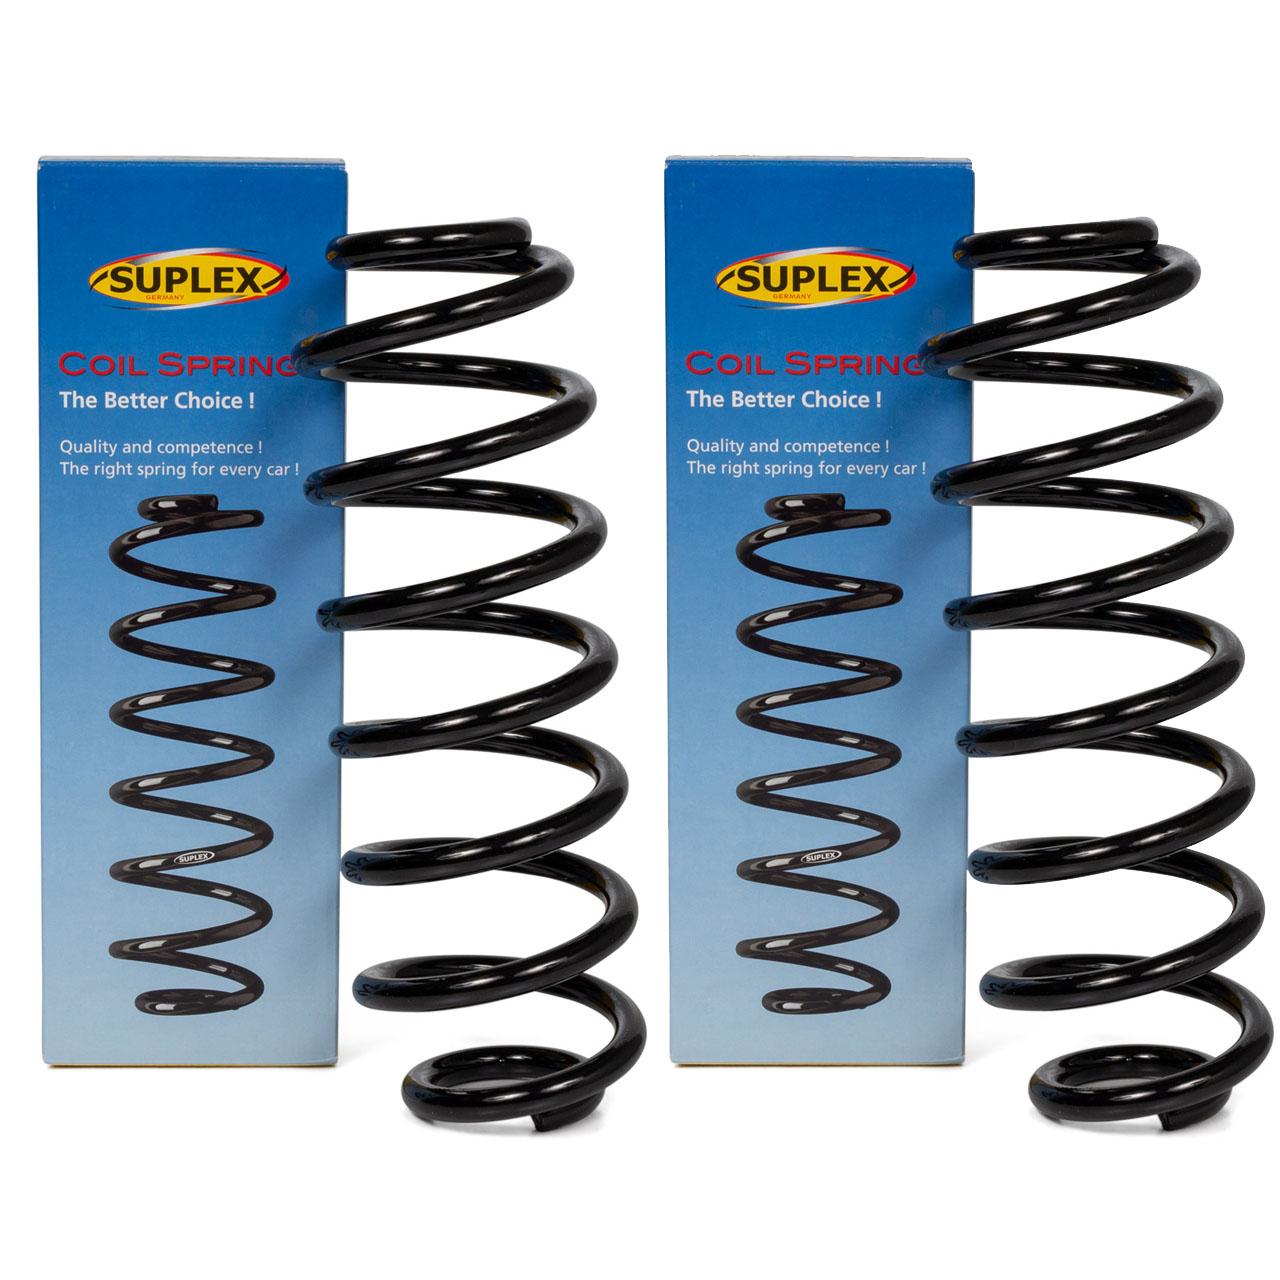 2x SUPLEX Fahrwerksfeder für VW PASSAT 362 TOURAN 1T1 1T2 1.4 2.0 EcoFuel hinten